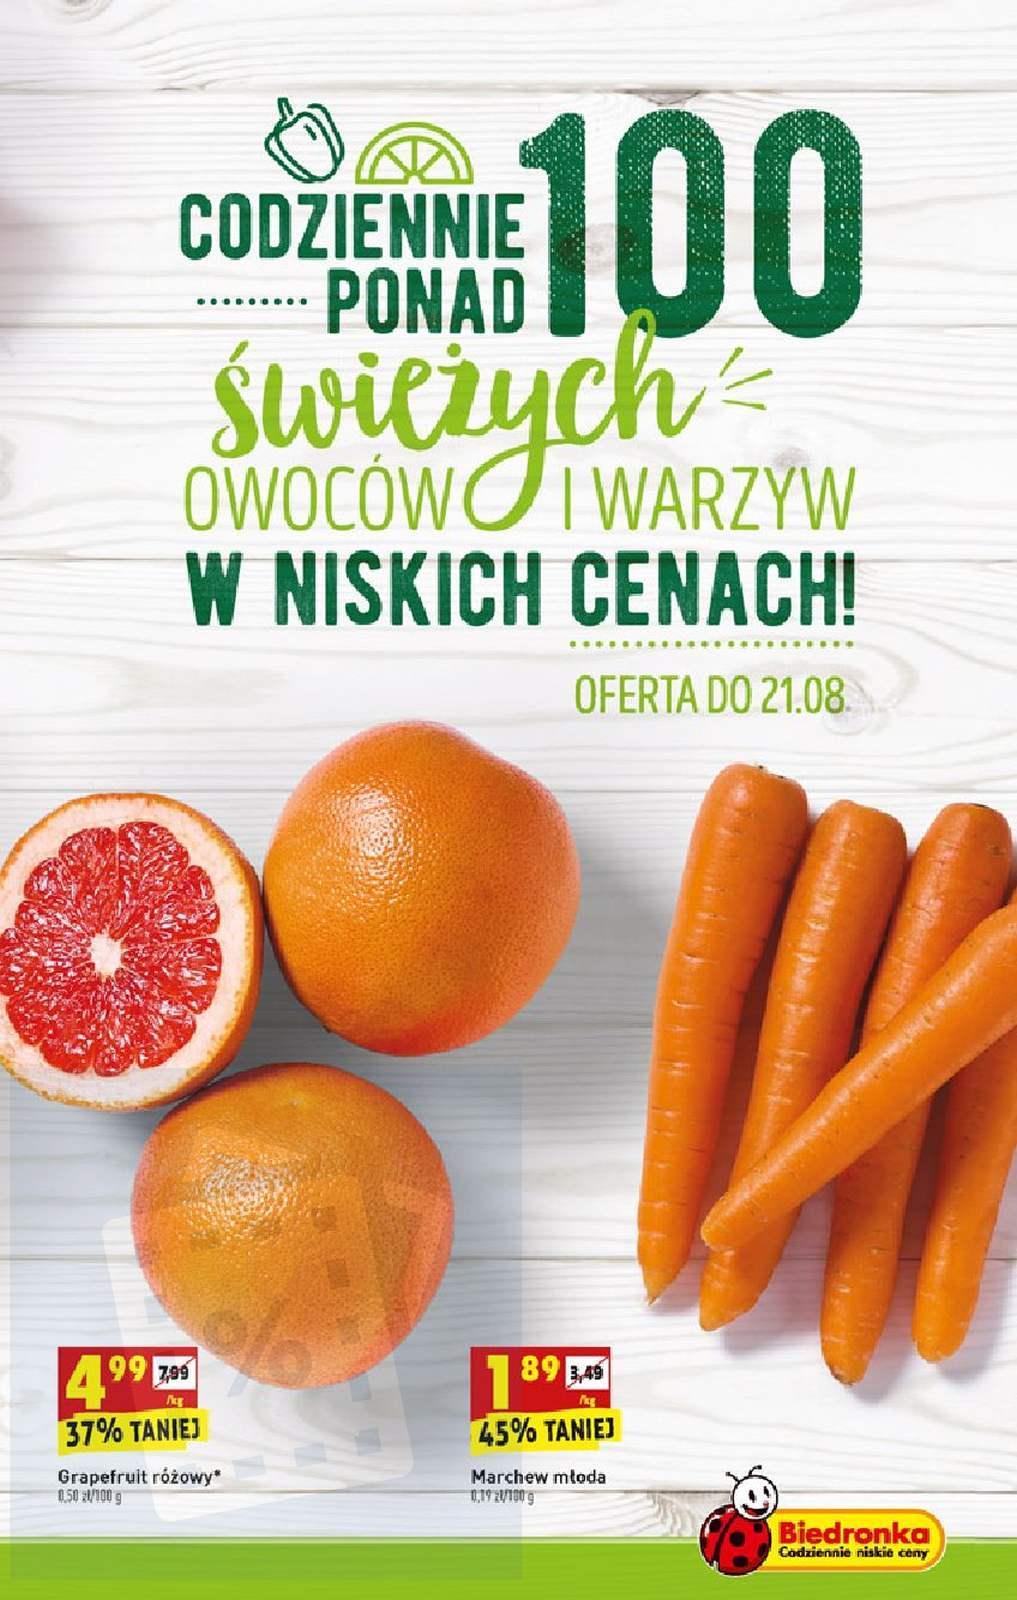 Gazetka promocyjna Biedronka do 25/08/2019 str.6